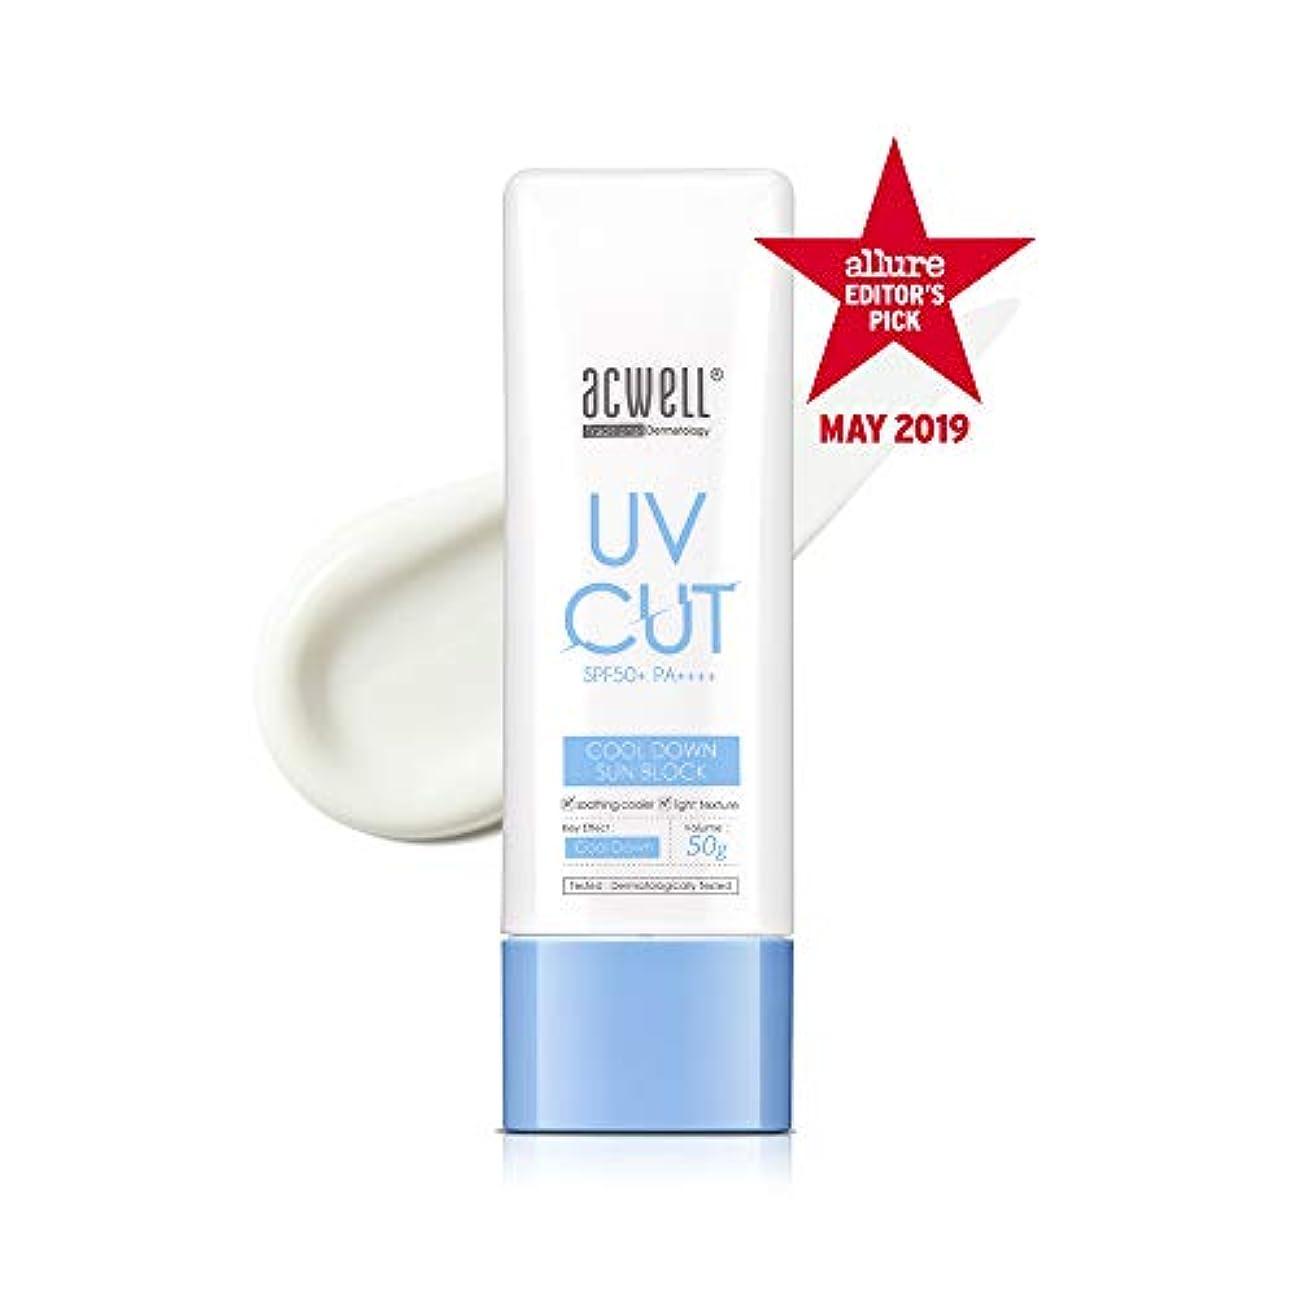 比類なき嵐舞い上がるアクウェル ACWELL UV Cut Cool Down Sun Block クールダウン サンブロック 50g, SPF50+ PA++++ [Made in Korea]